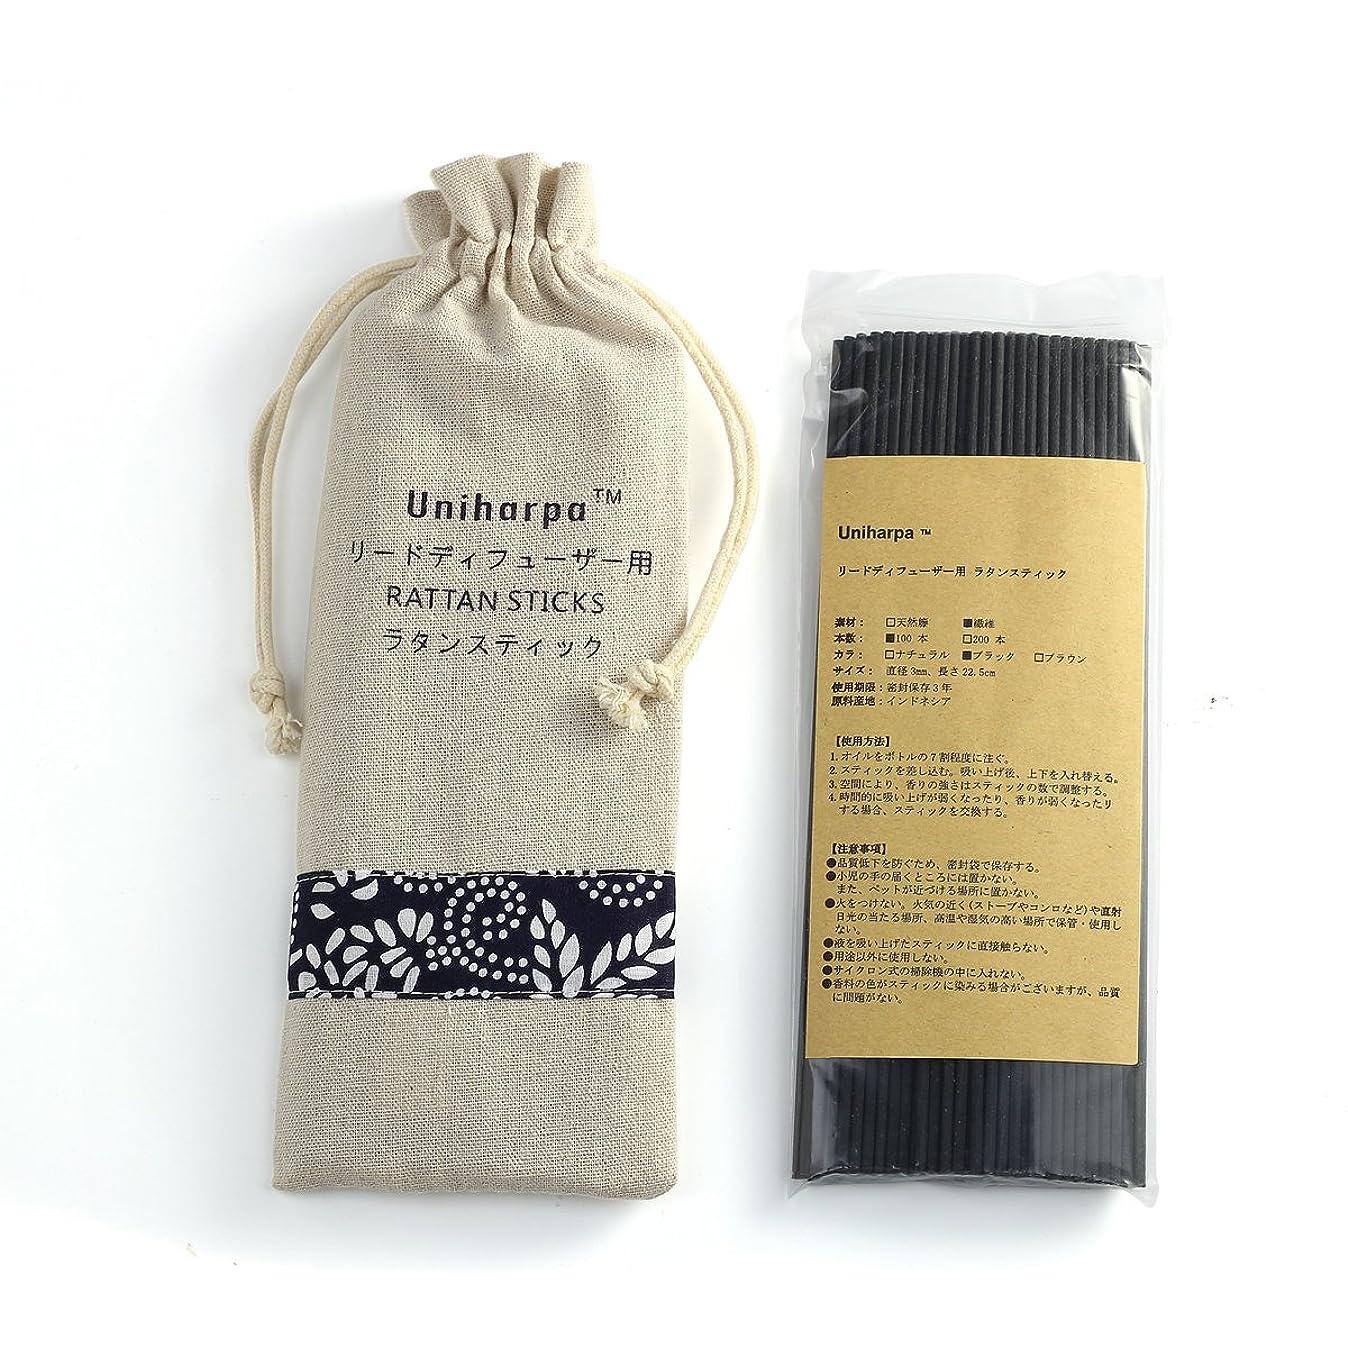 文献習慣守るリードディフューザー用 ラタンスティック/リードスティック リフィル 繊維素材 22.5cm 直径3mm 100本入 乾燥剤入り オリジナル旅行専用袋付 (ブラック)